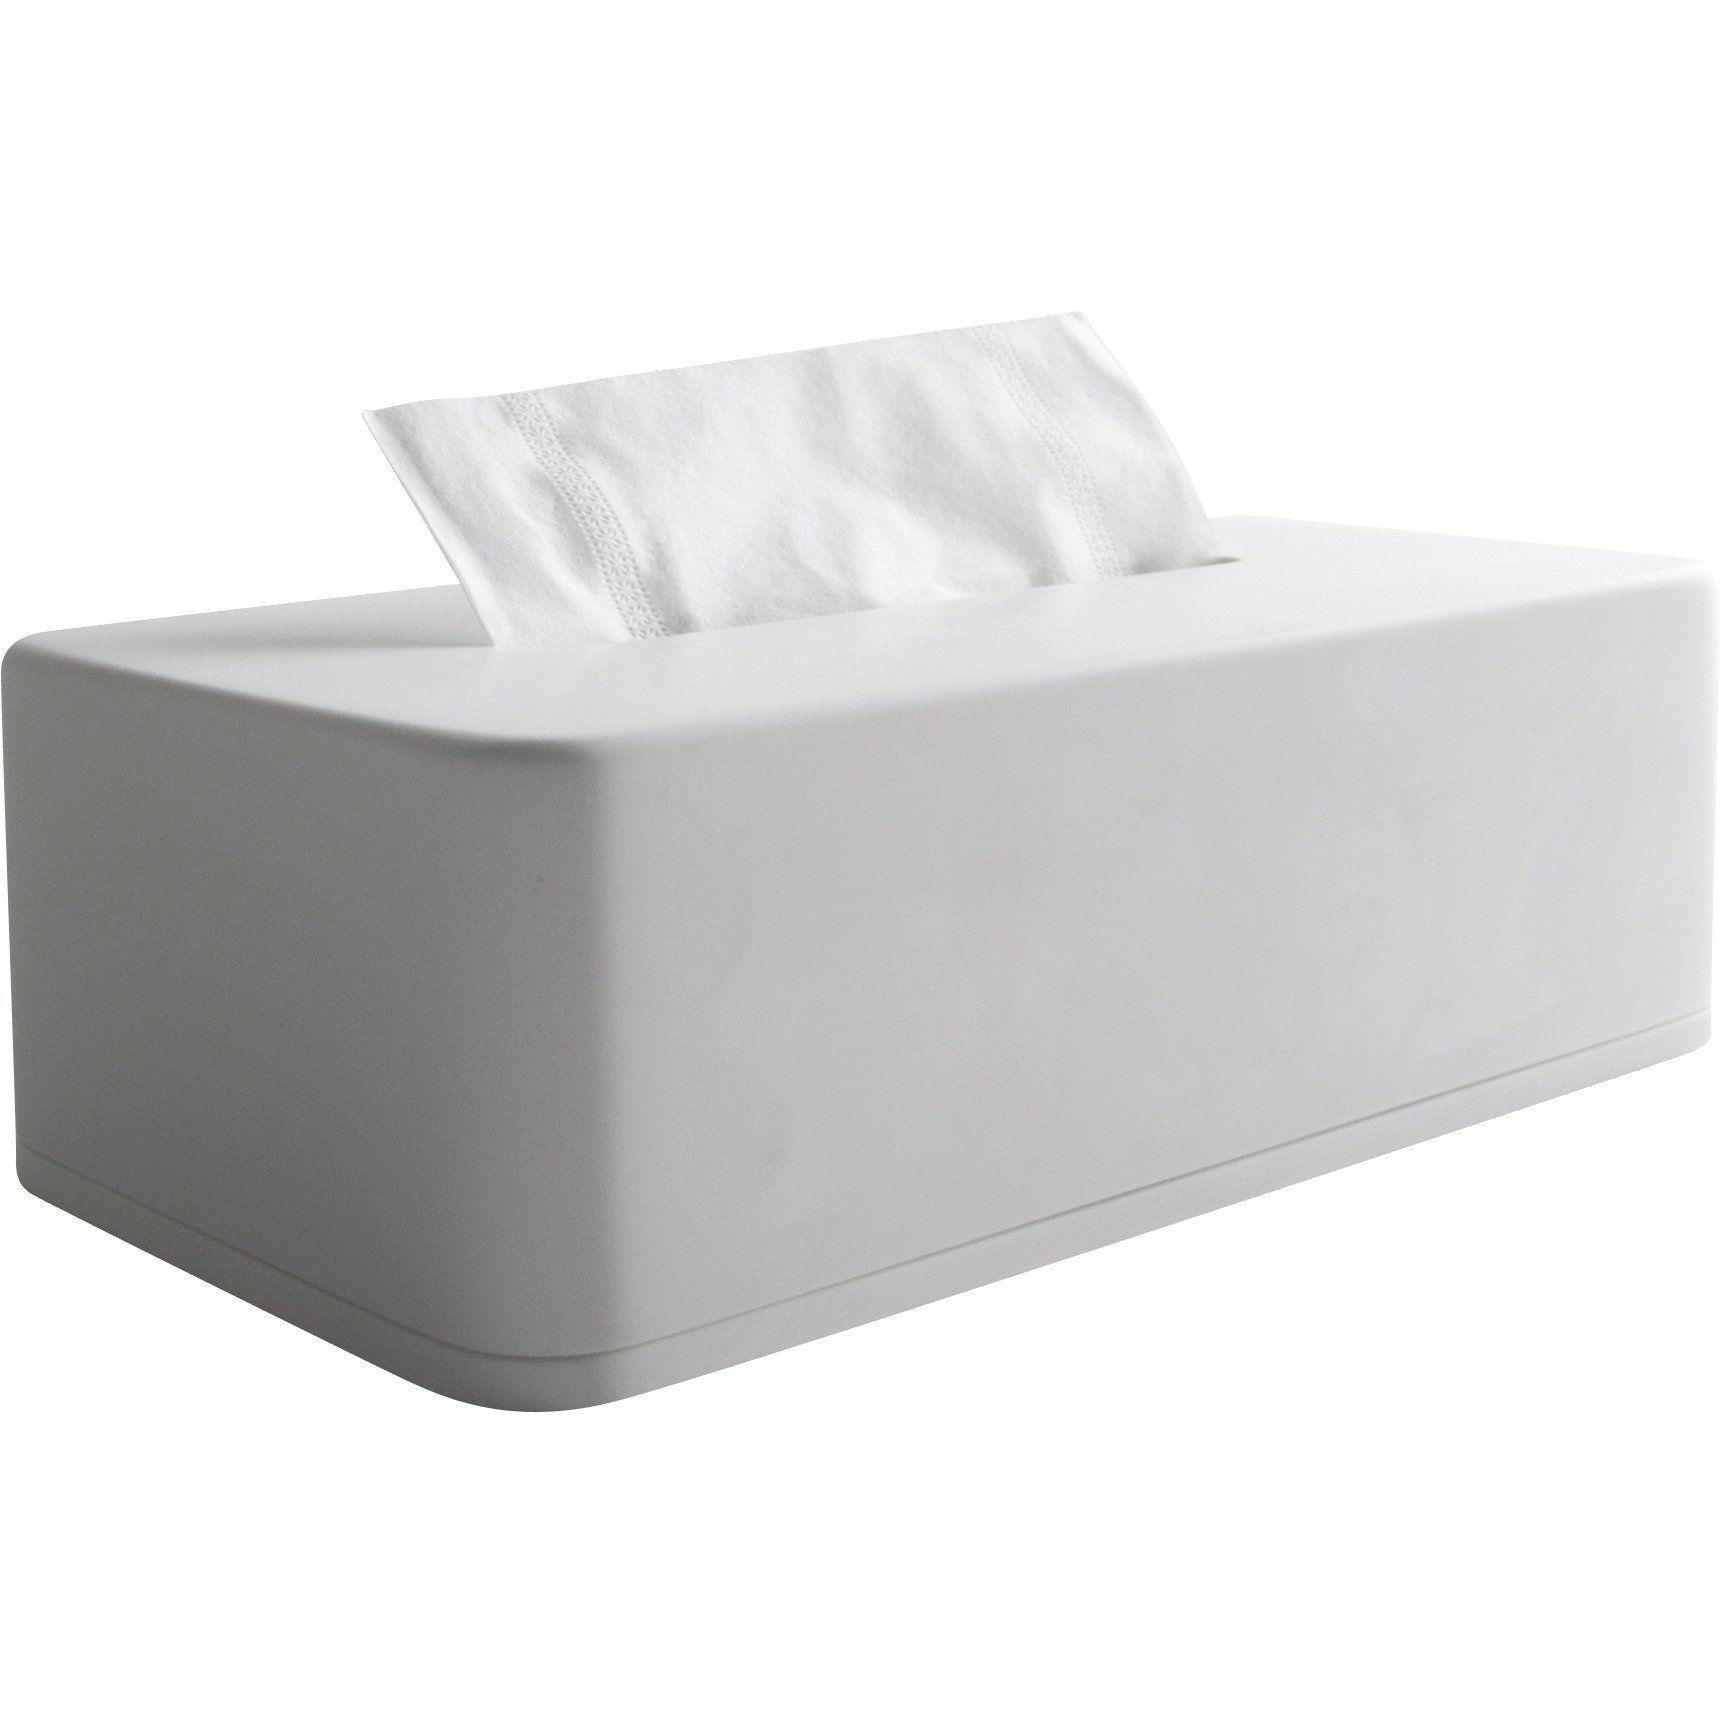 Home Decor Wood Plastic Tissue Box Solid Napkin Case Simple Multi-purpose